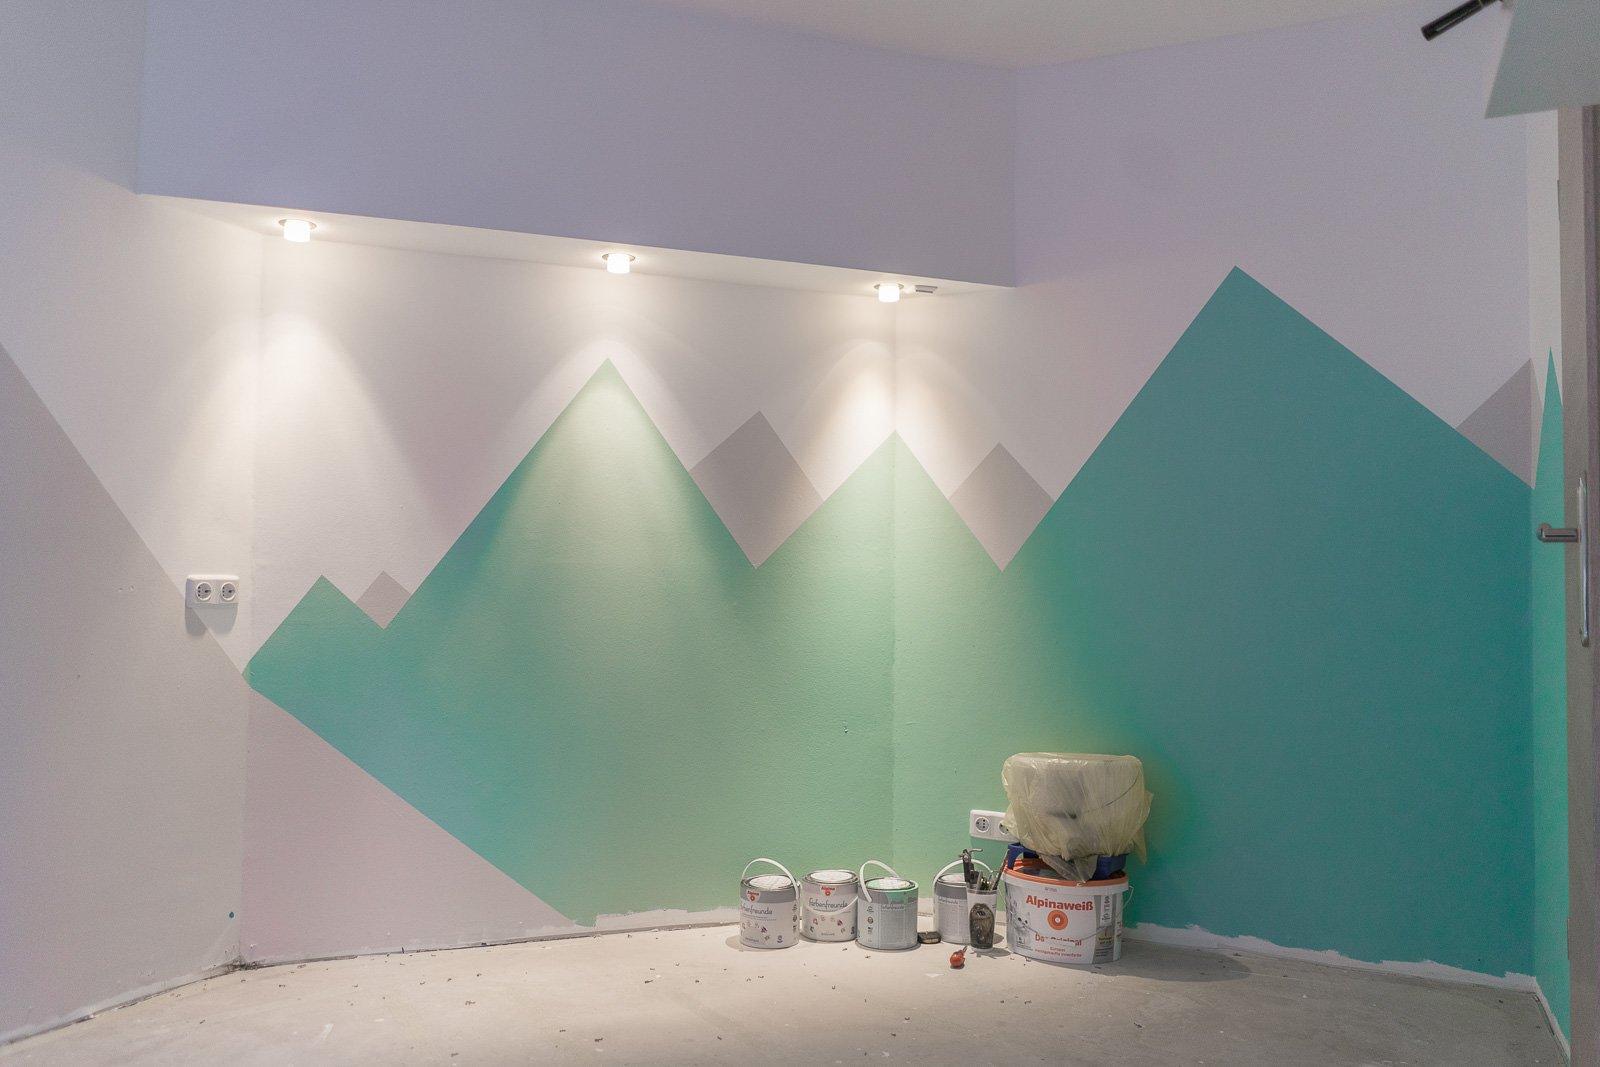 Wandgestaltung Berge Top 10 Ideen Fur Wandgestaltung Schlafzimmer